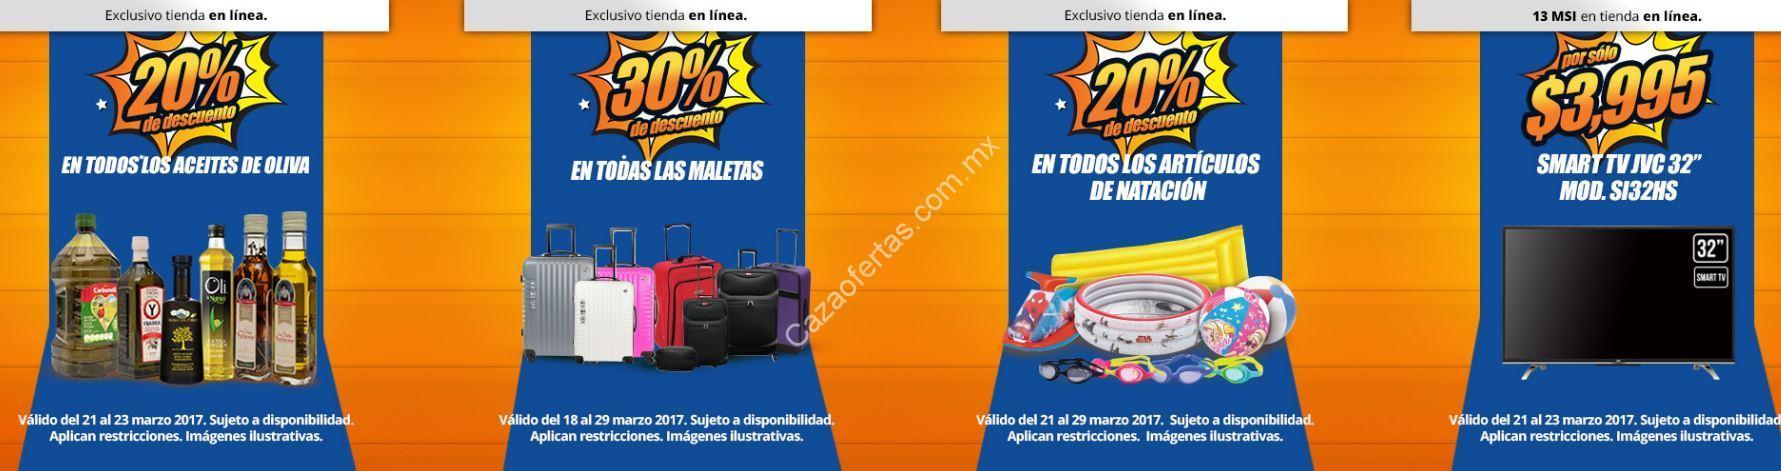 Especiales tienda en línea Chedraui  Descuento en maletas ... 34fbdcb6397